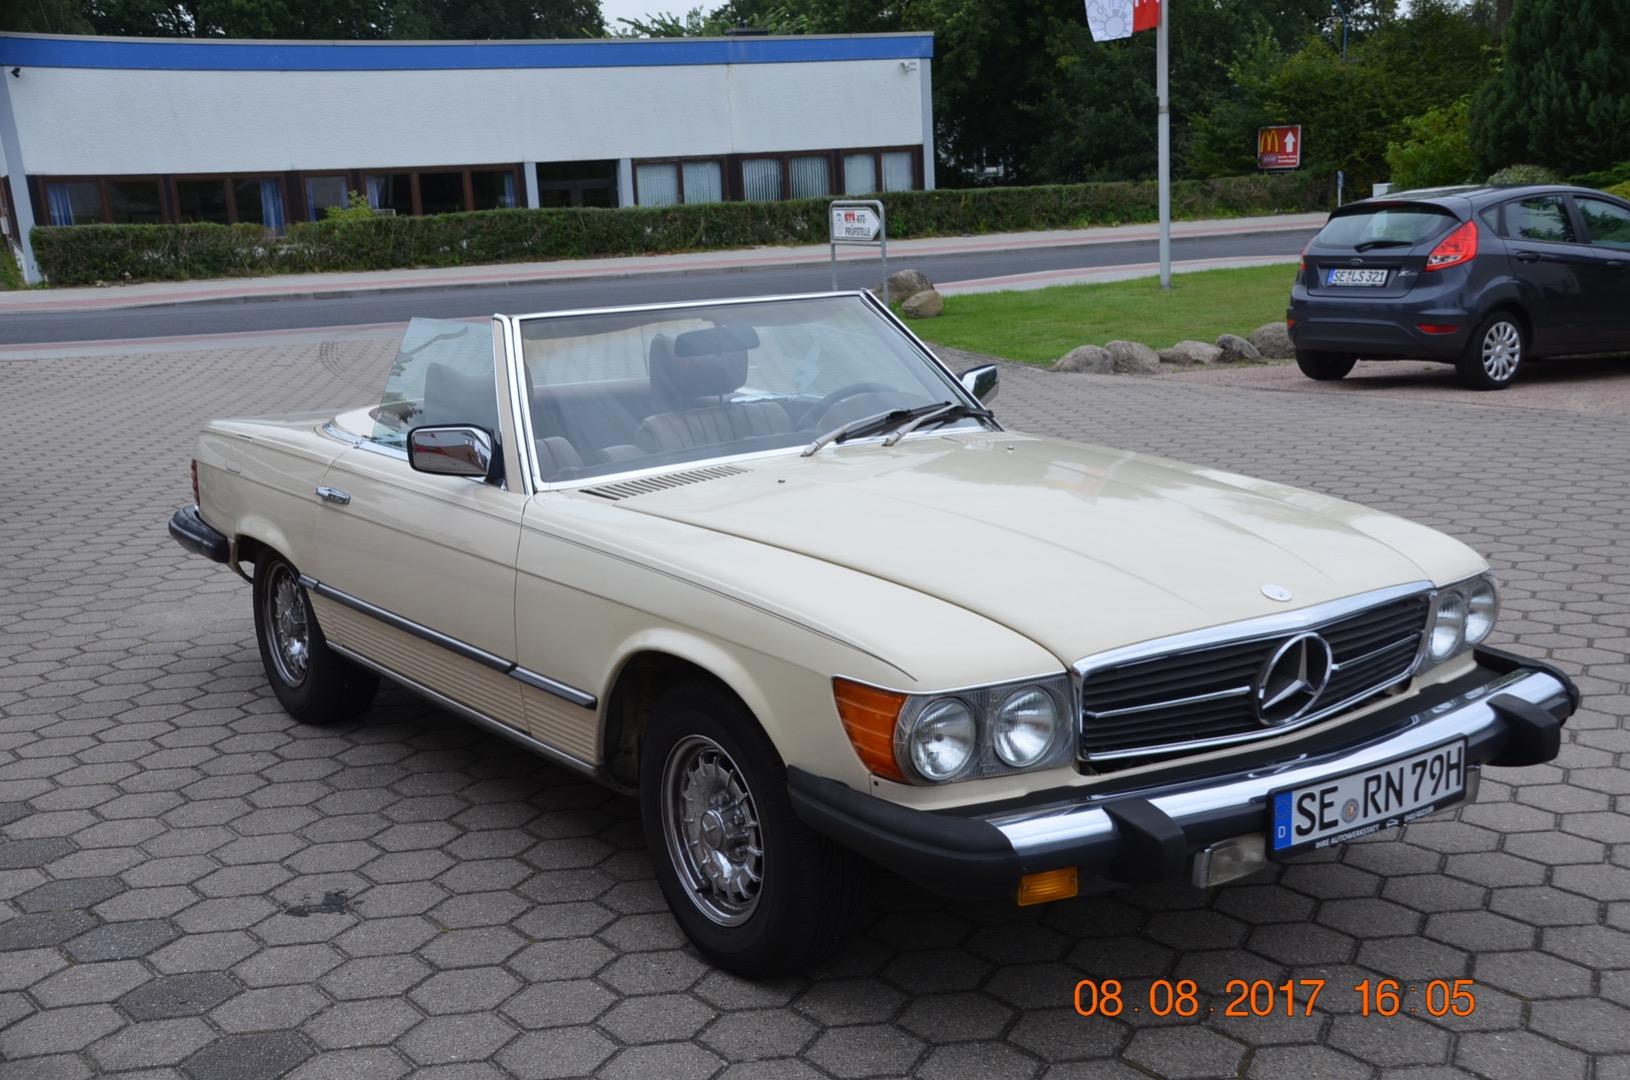 Mercedes SL 450 geht plötzlich aus - Sternzeit-107 on